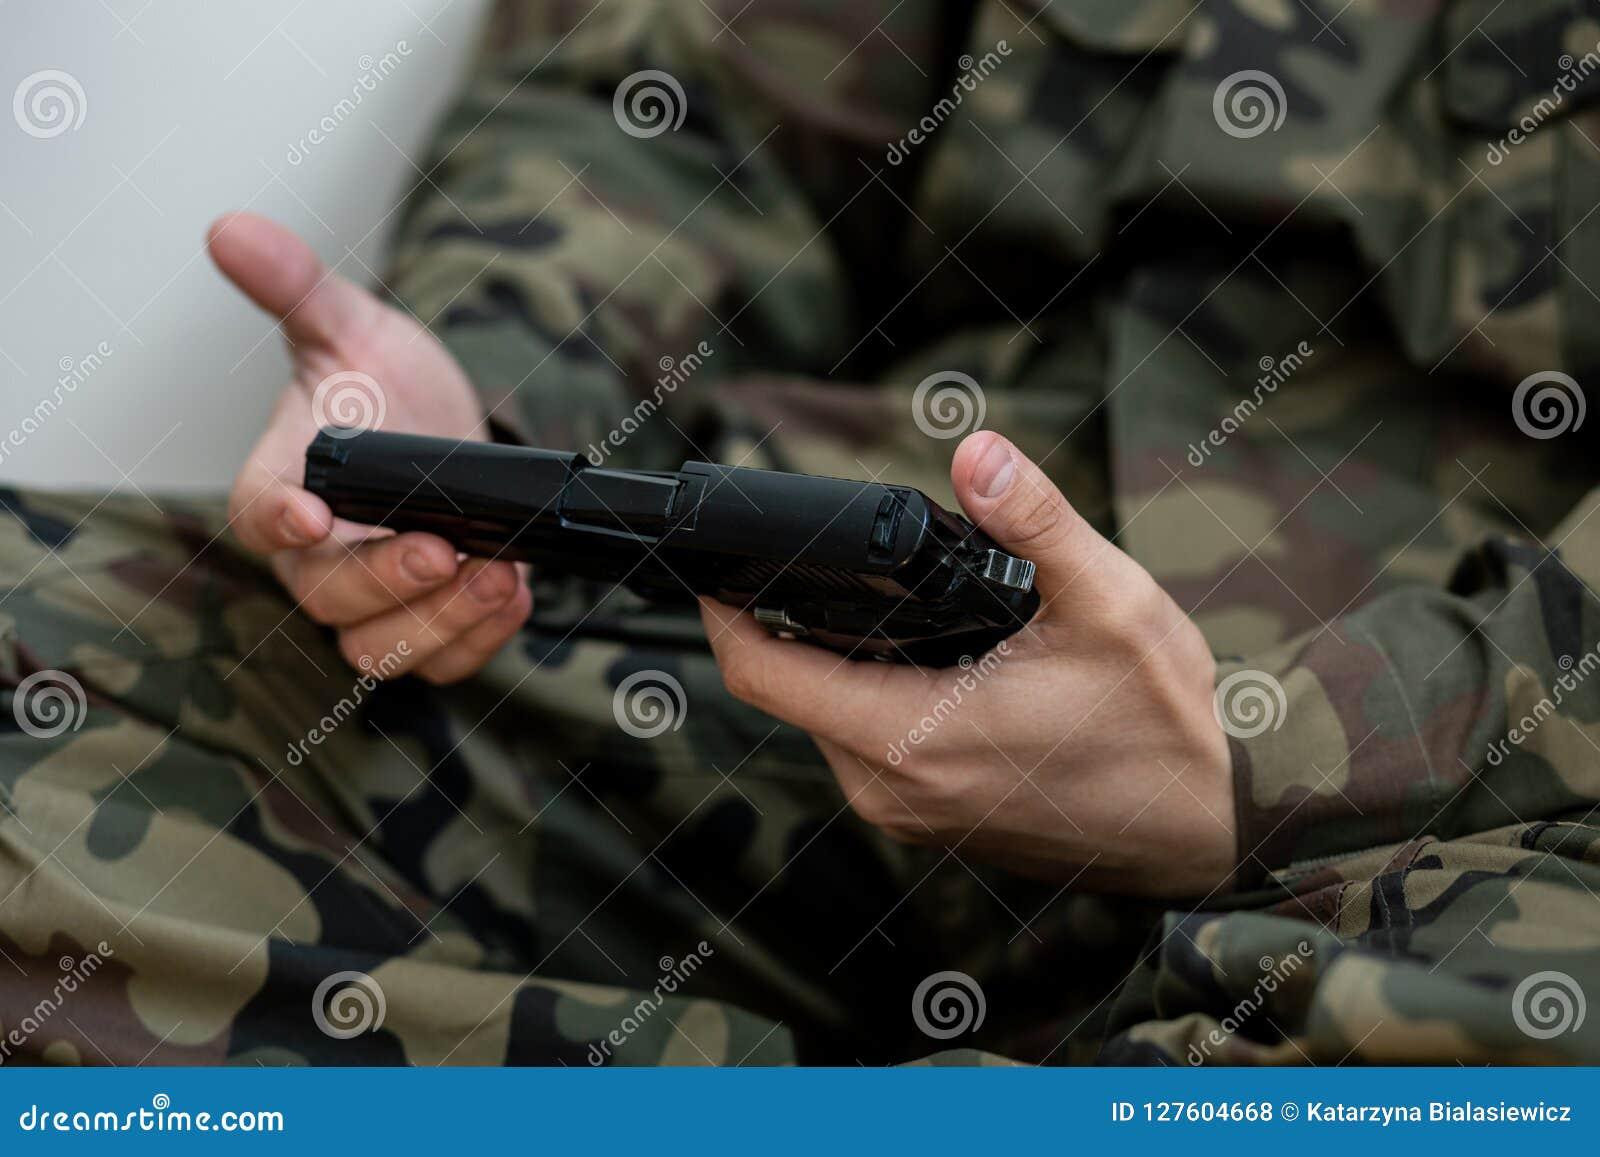 Zakończenie na żołnierzu w zielonym Moro mundurze z pistoletem w rękach